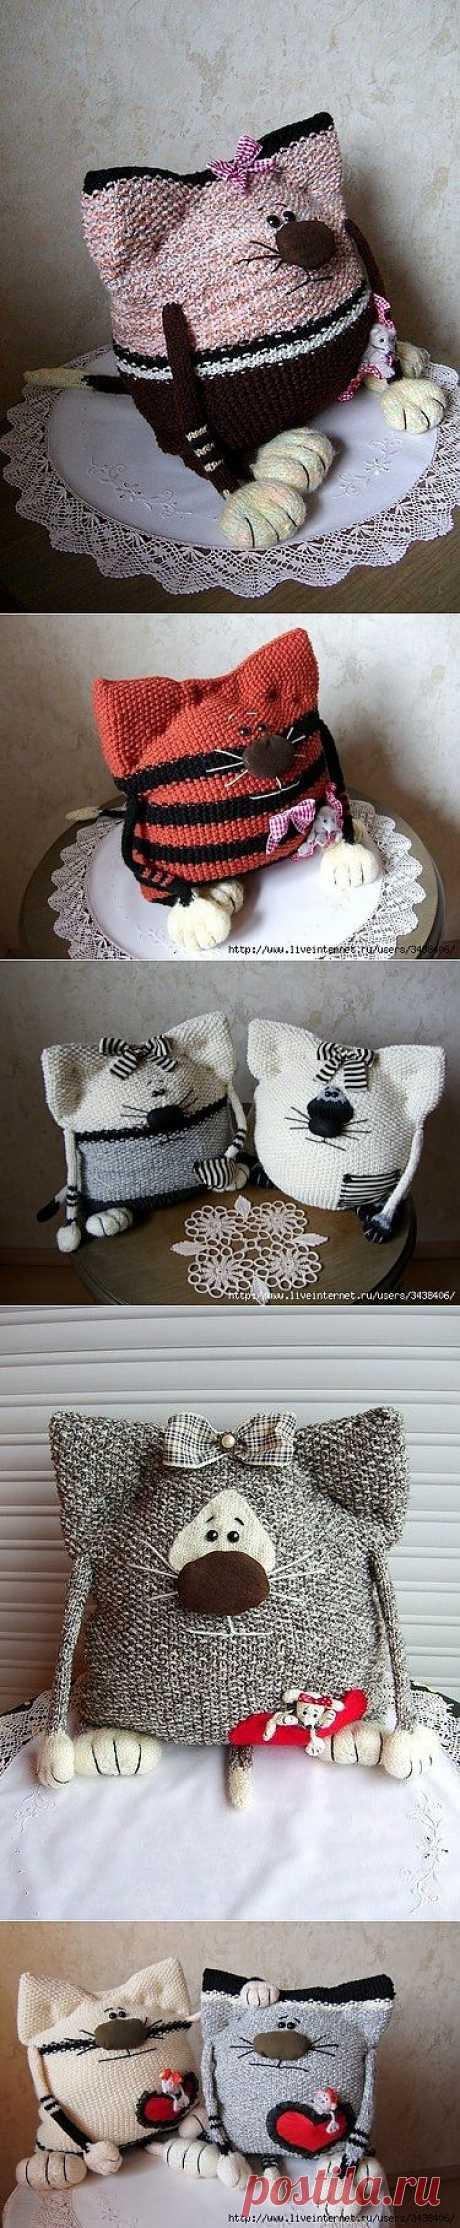 вязаные коты - Самое интересное в блогах